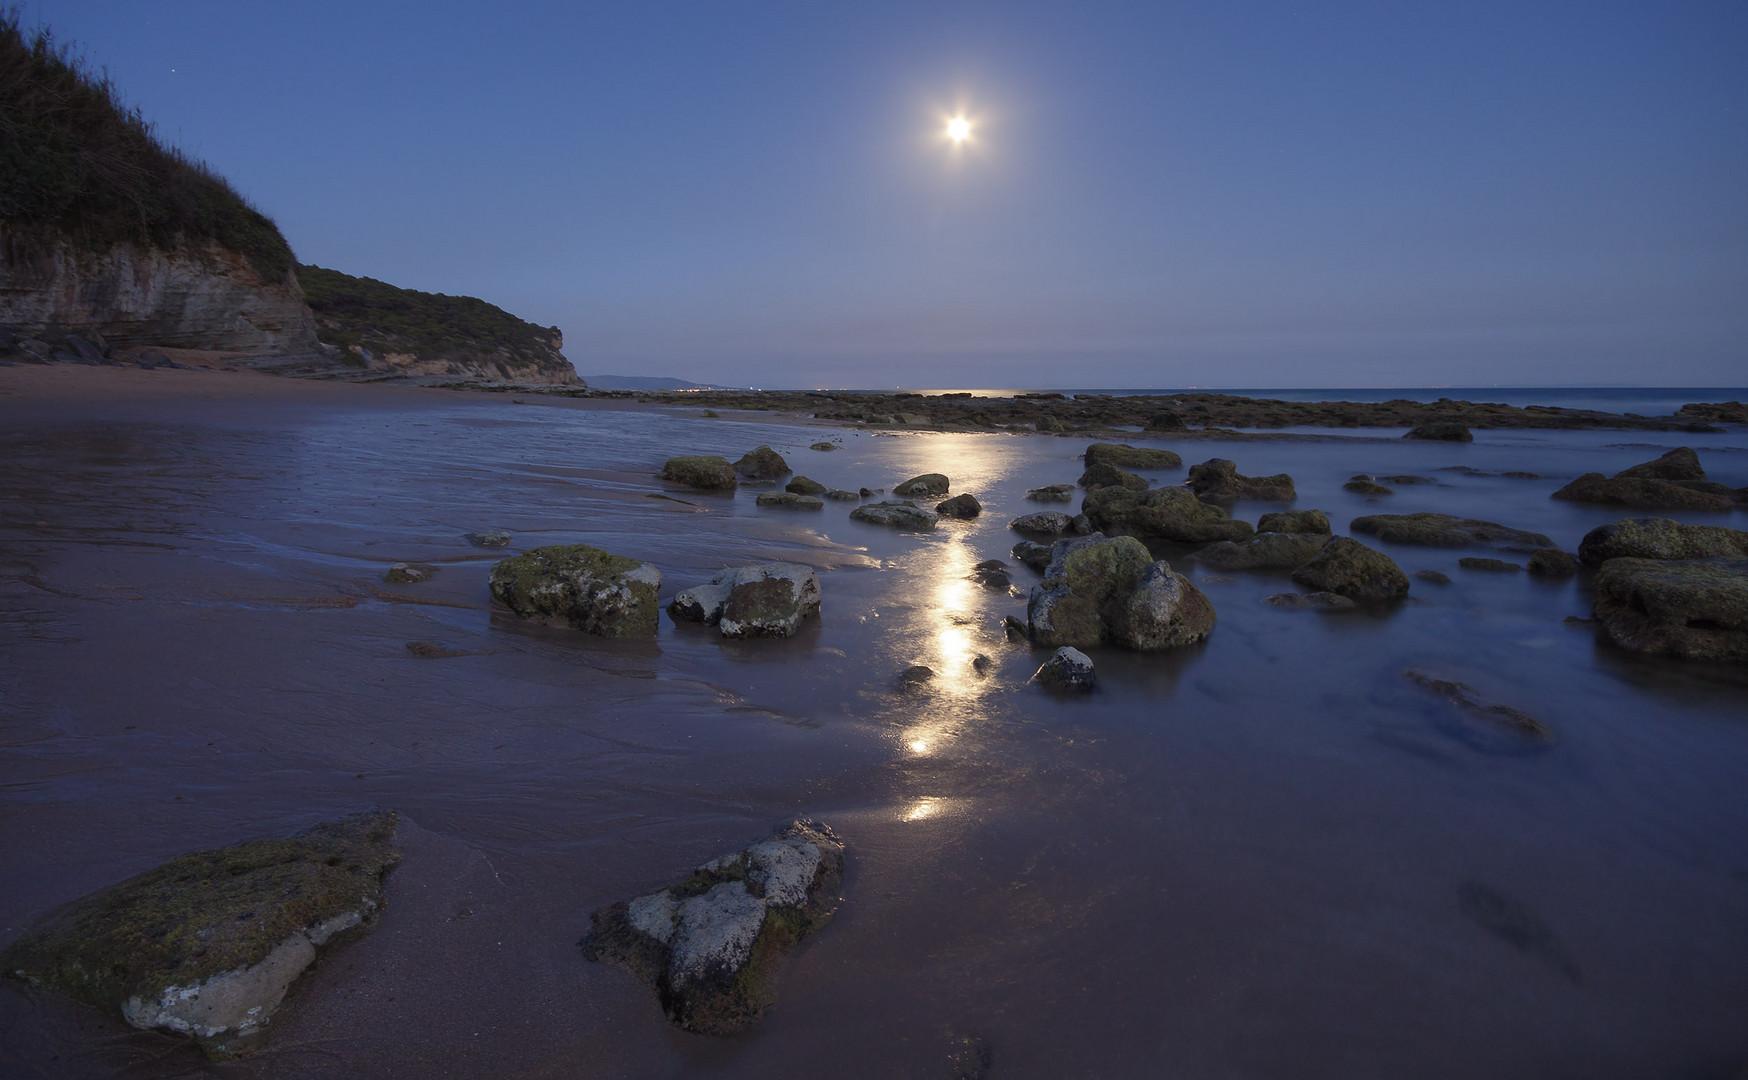 La playa de Caños a la luz de la luna